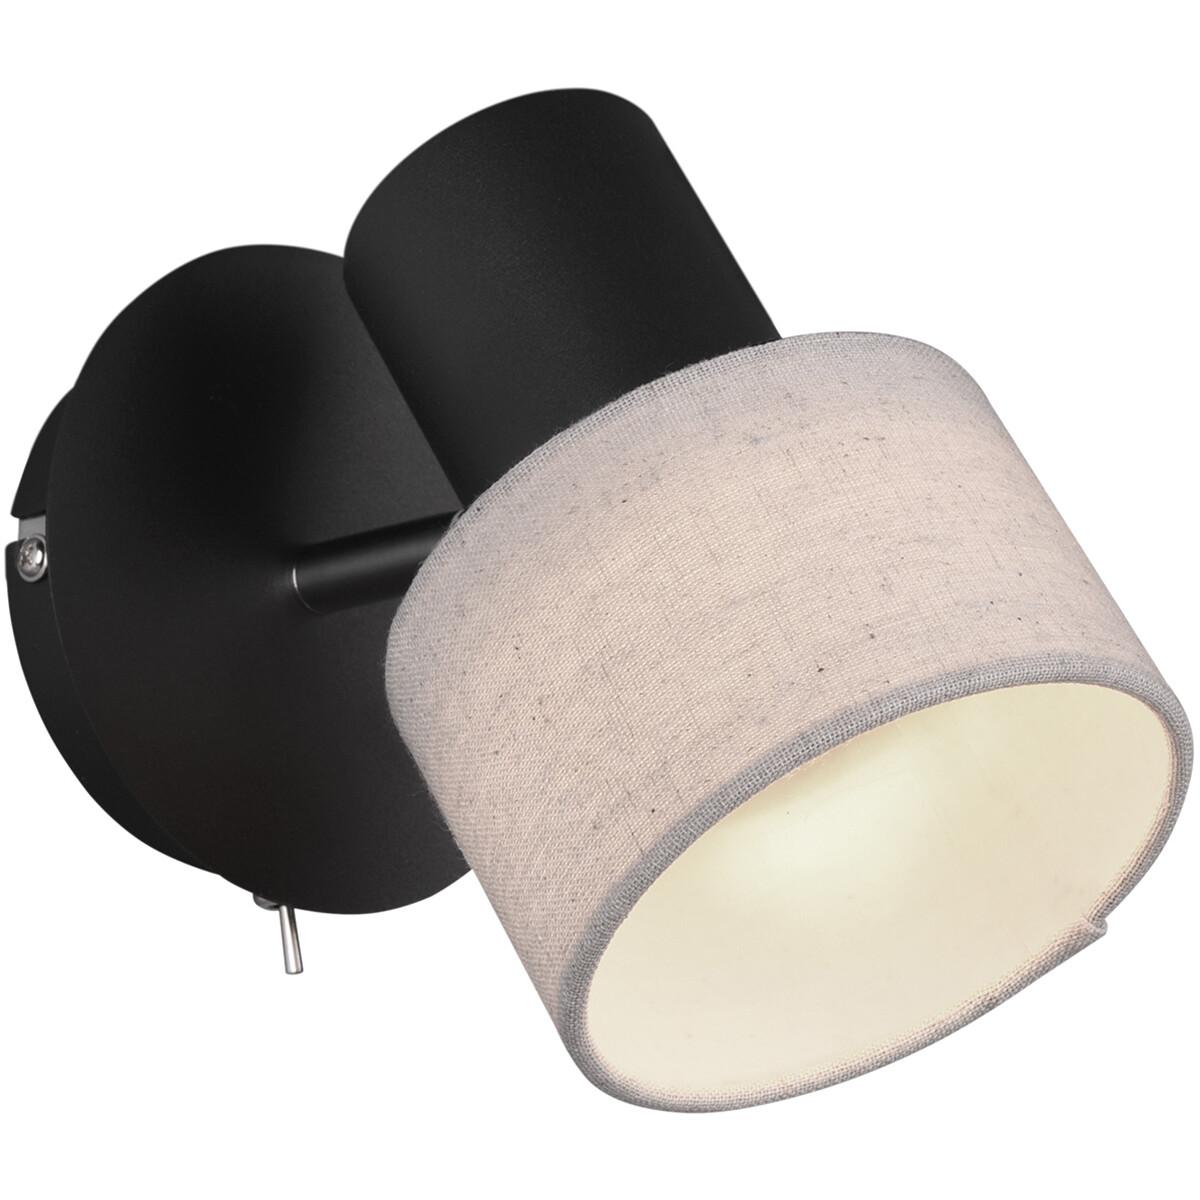 LED Wandspot - Trion Waler - GU10 Fitting - Rond - Mat Zwart - Aluminium